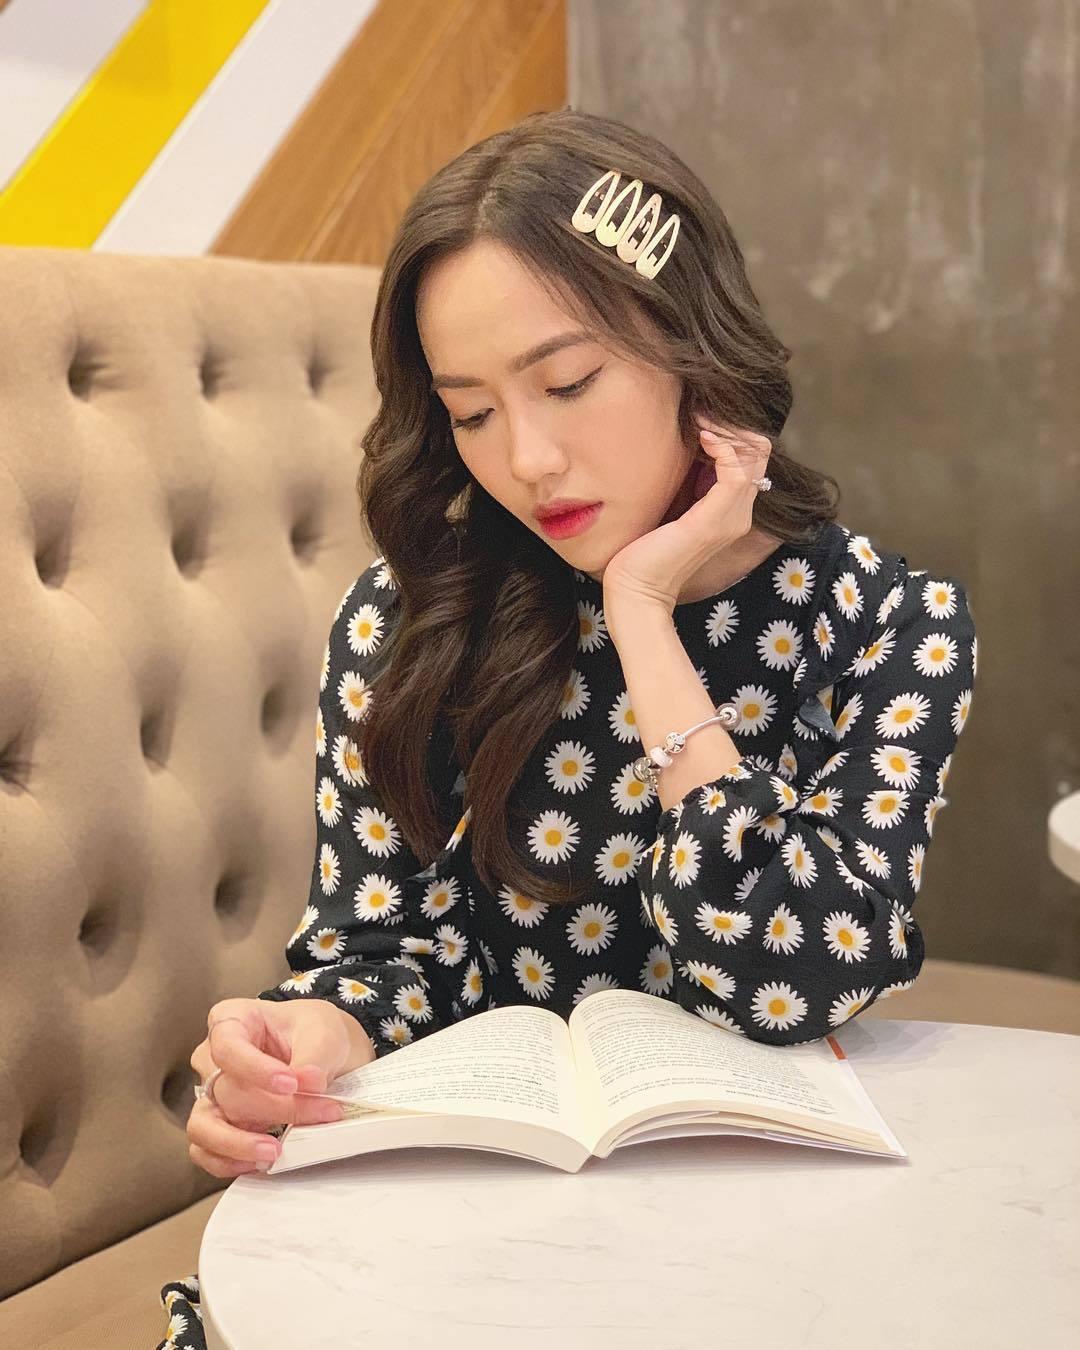 Đủ kiểu làm điệu với kẹp tóc hot trend của mỹ nhân Việt